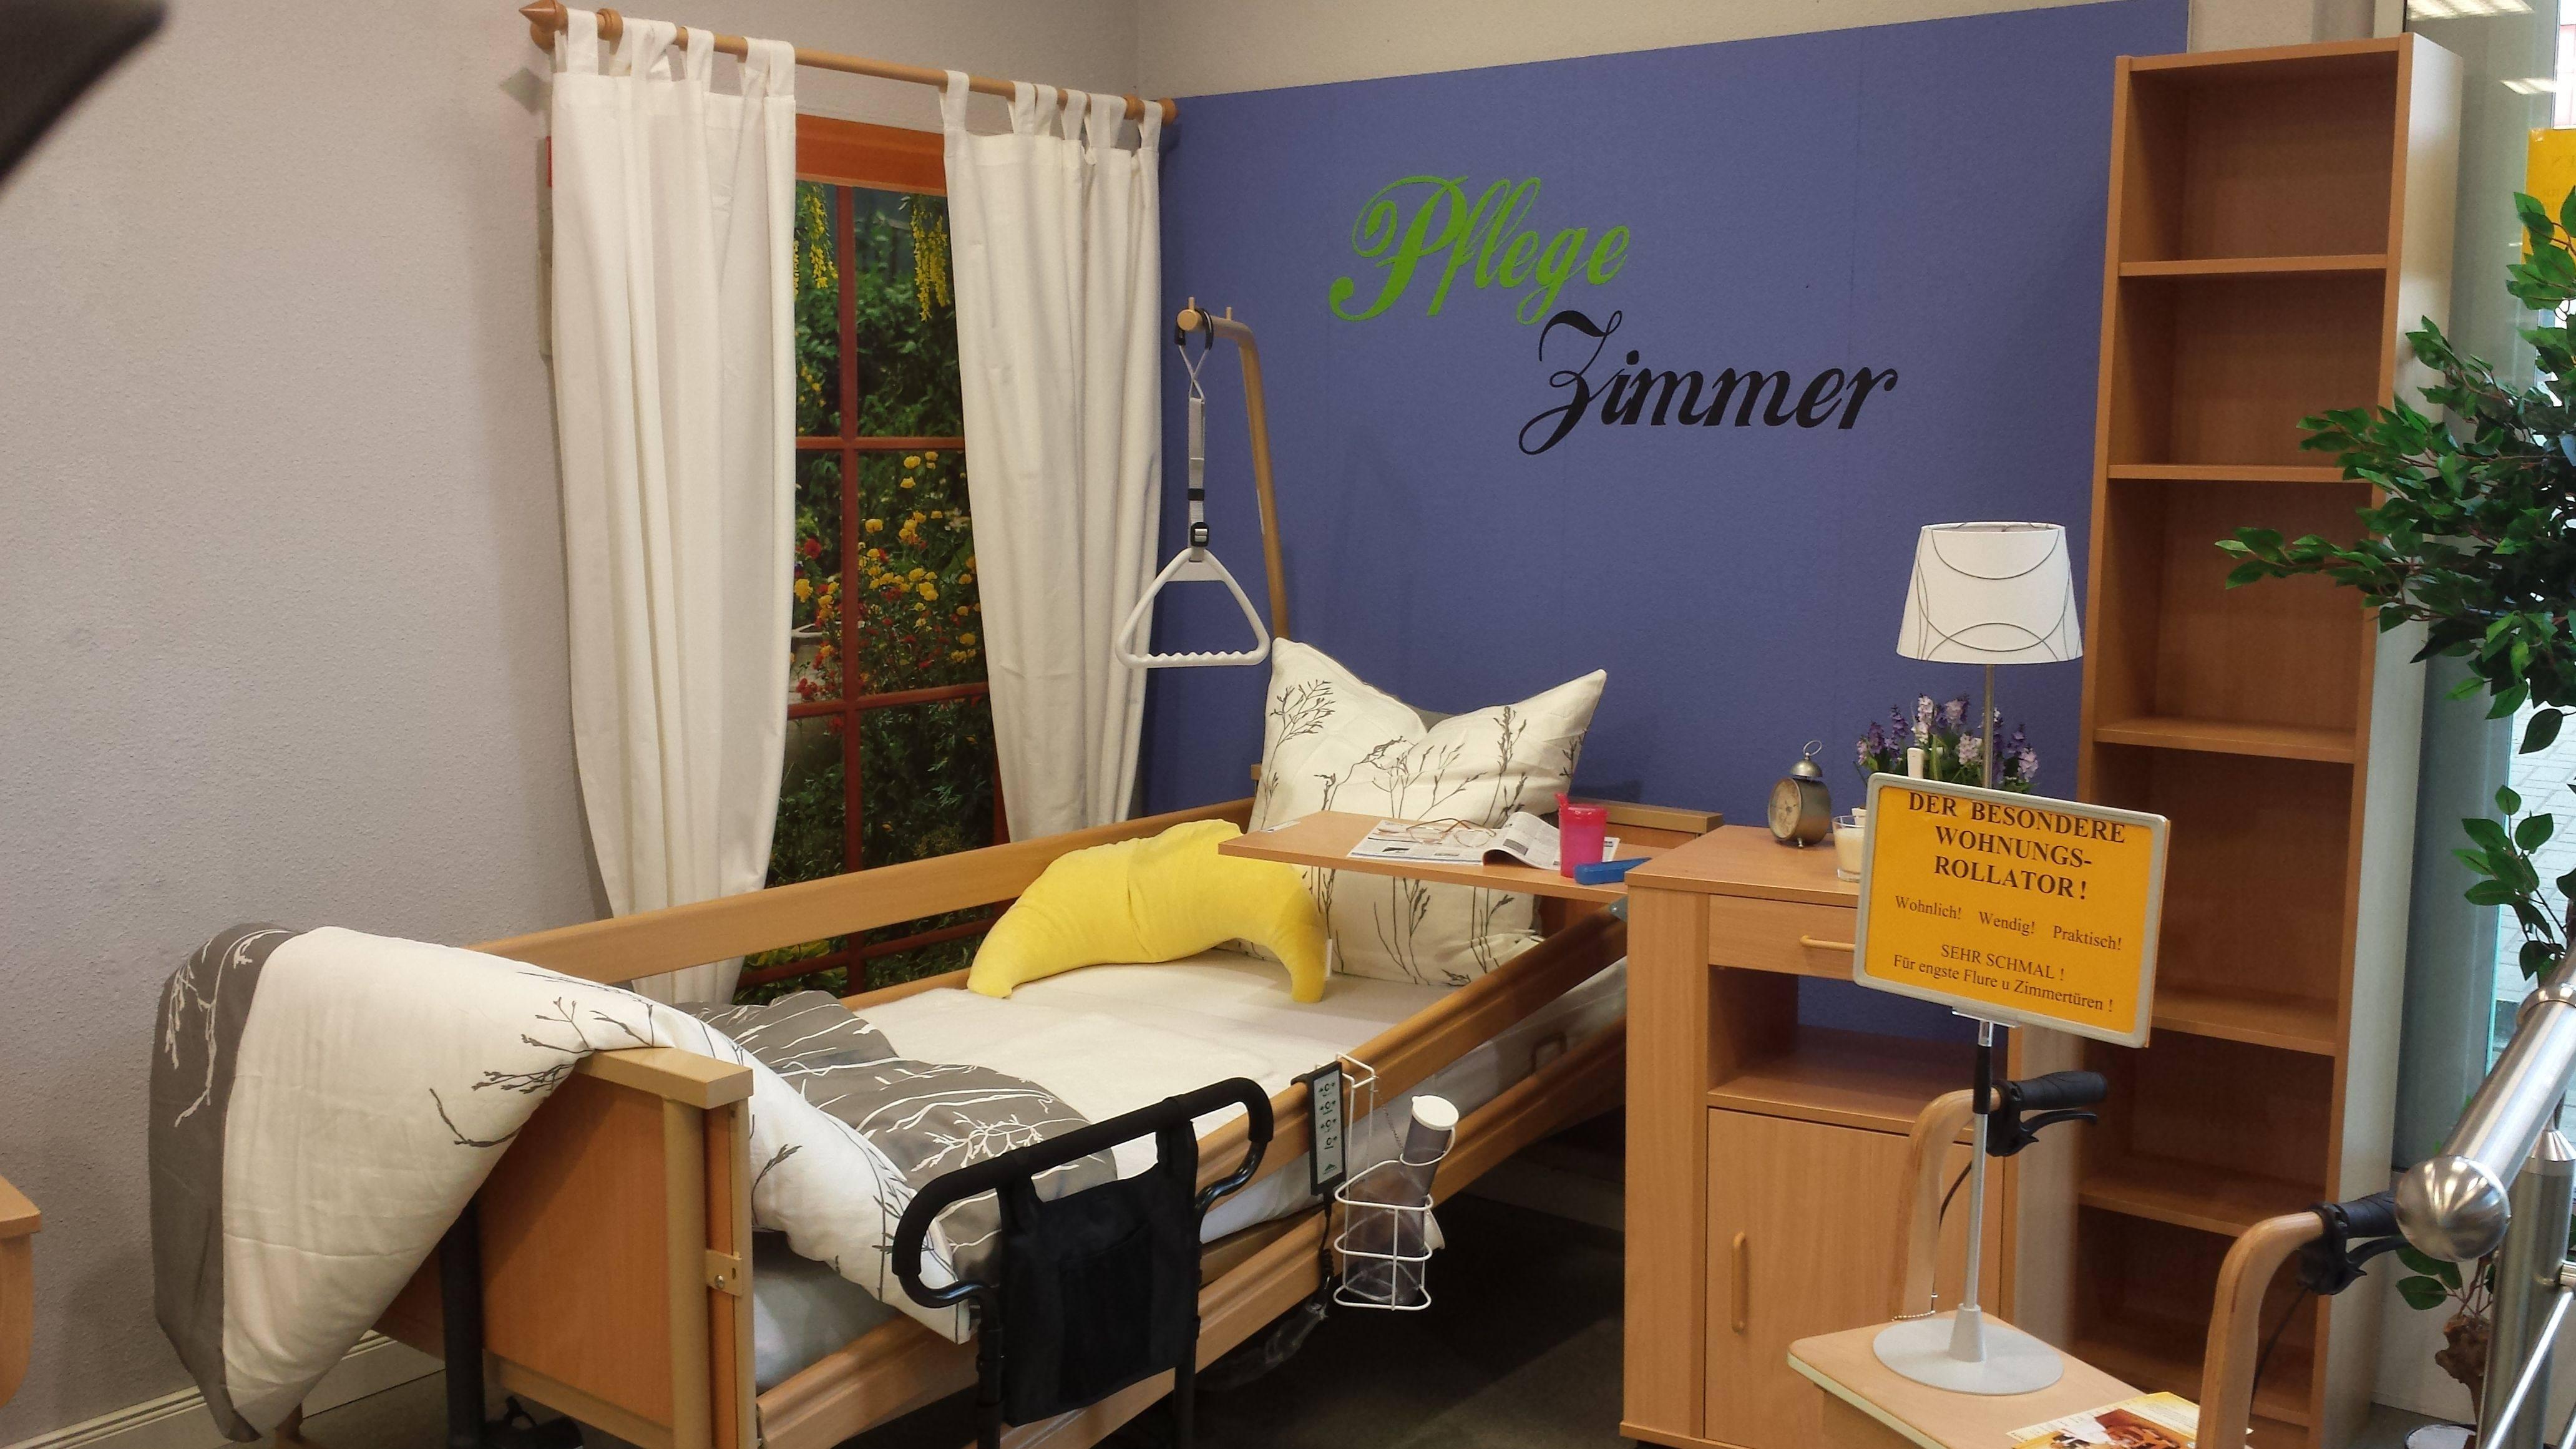 Ein elektrisches Pflegebett, eine Anti-Dekubitus-Matratze, ein funktioneller Pflege-Nachttisch. Günstig im Pflege-Discount Gelnhausen erhältlich.